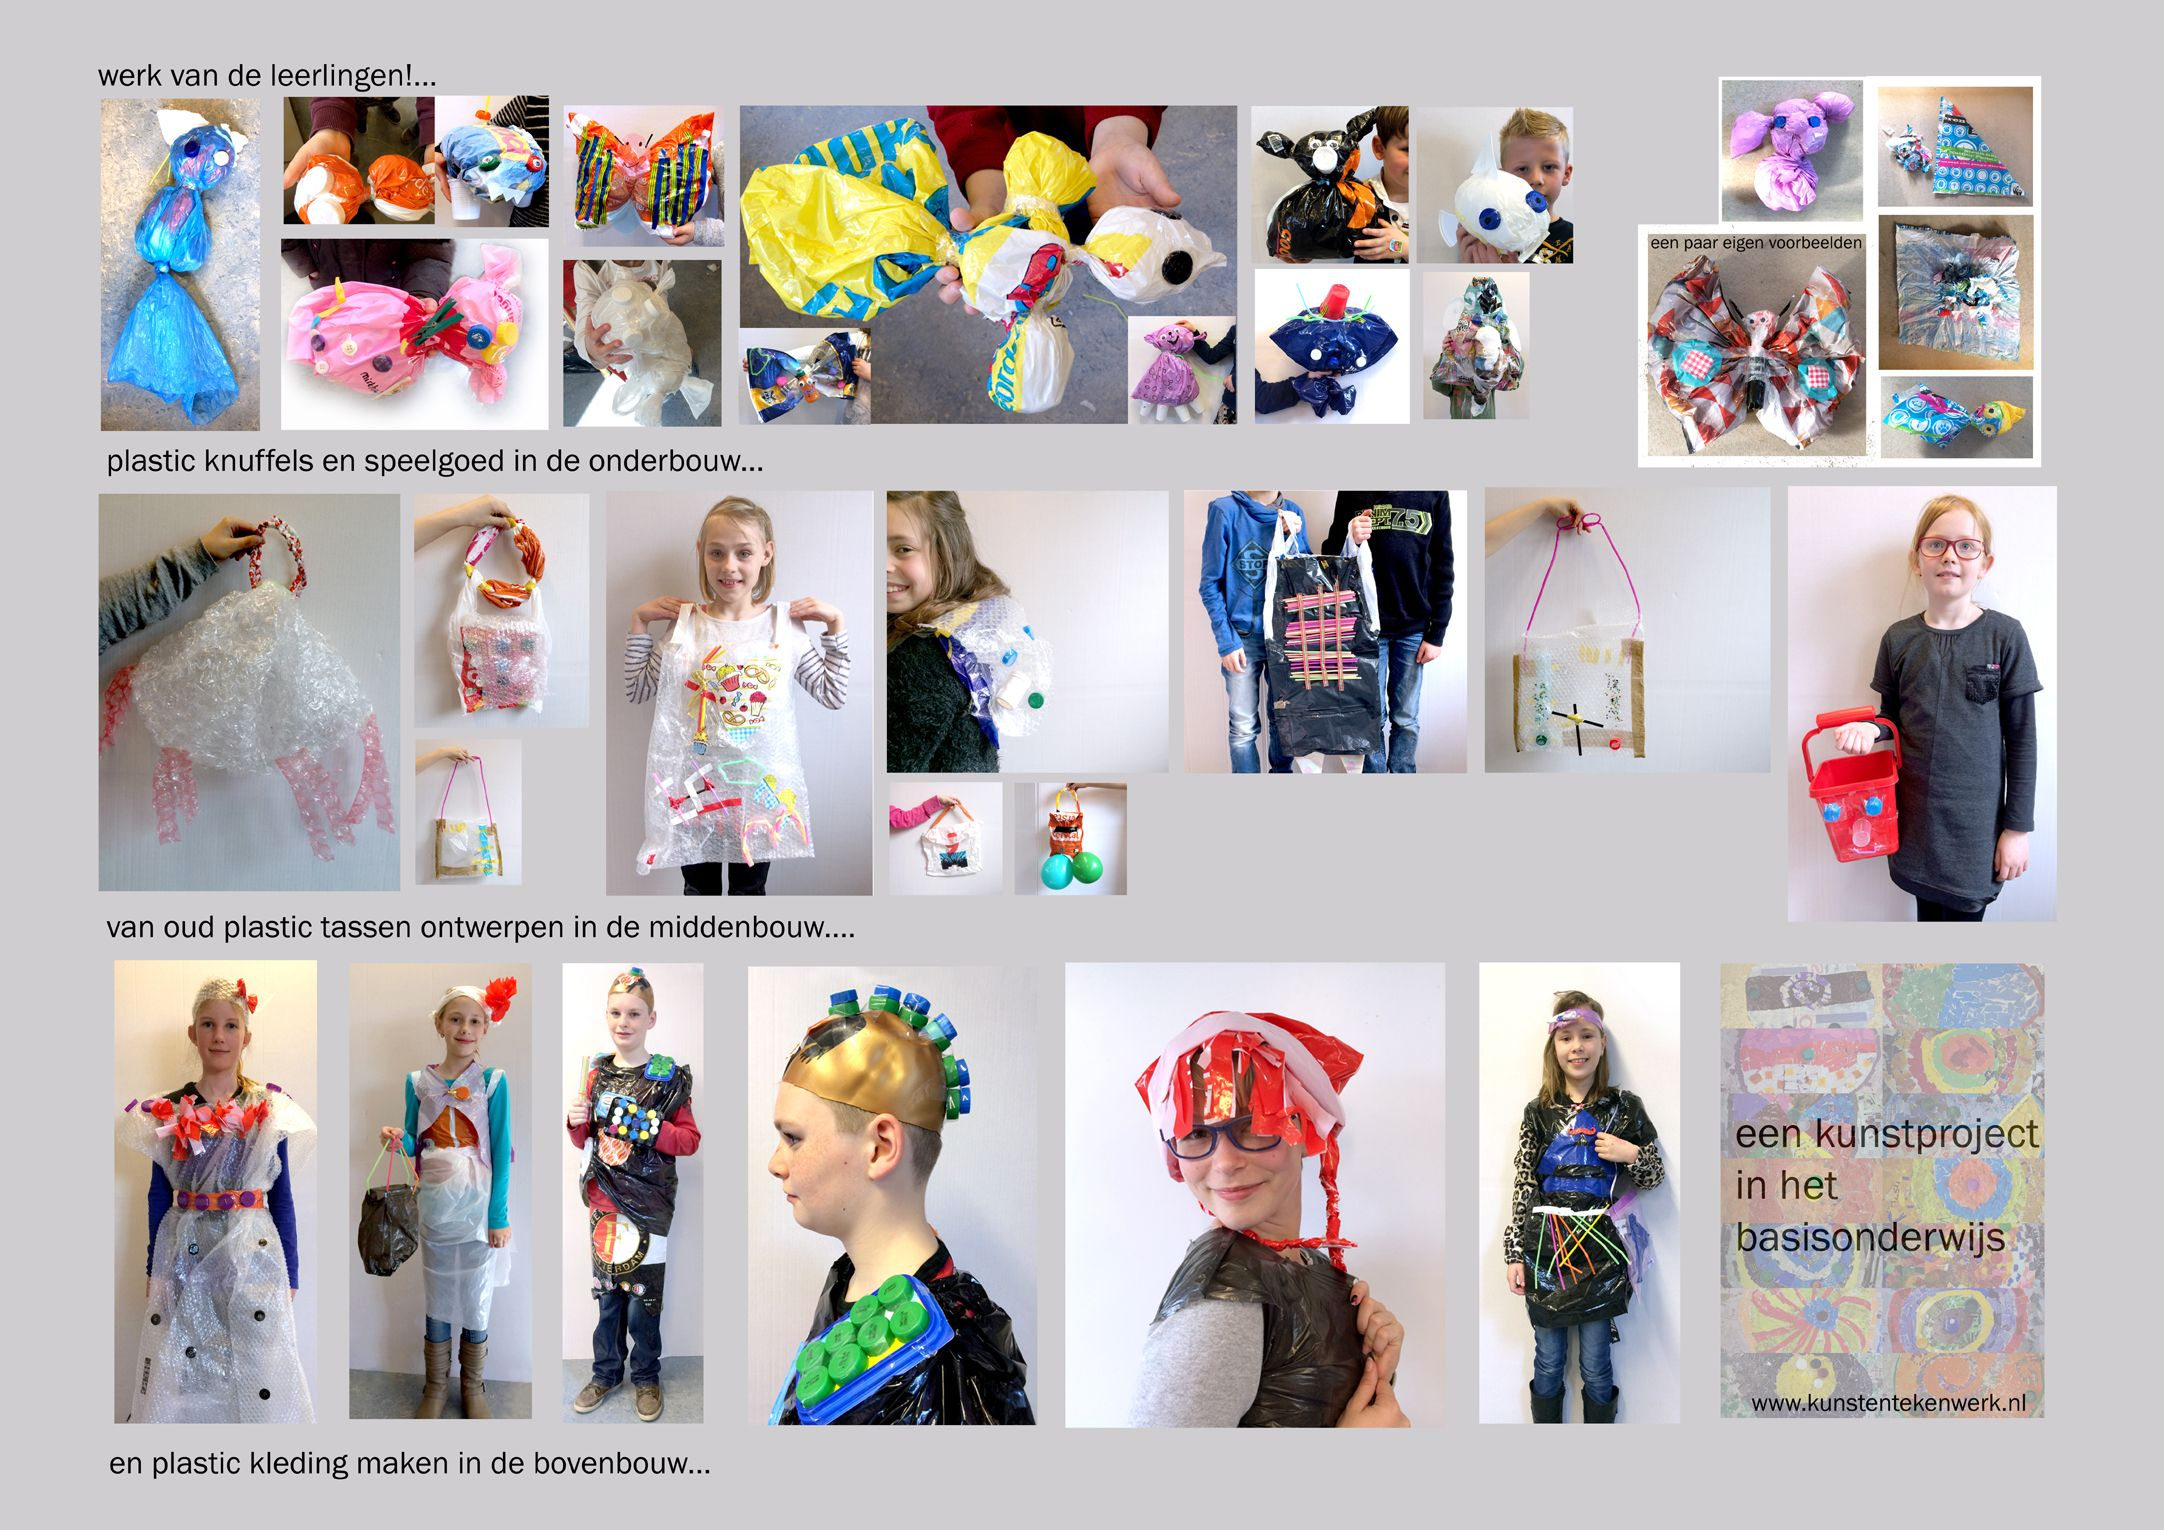 plastic knuffels, plastic tassen en kleding van plastic ontwerpen... Een verrassend kunstproject voor de onderbouw, middenbouw en bovenbouw van het basisonderwijs.